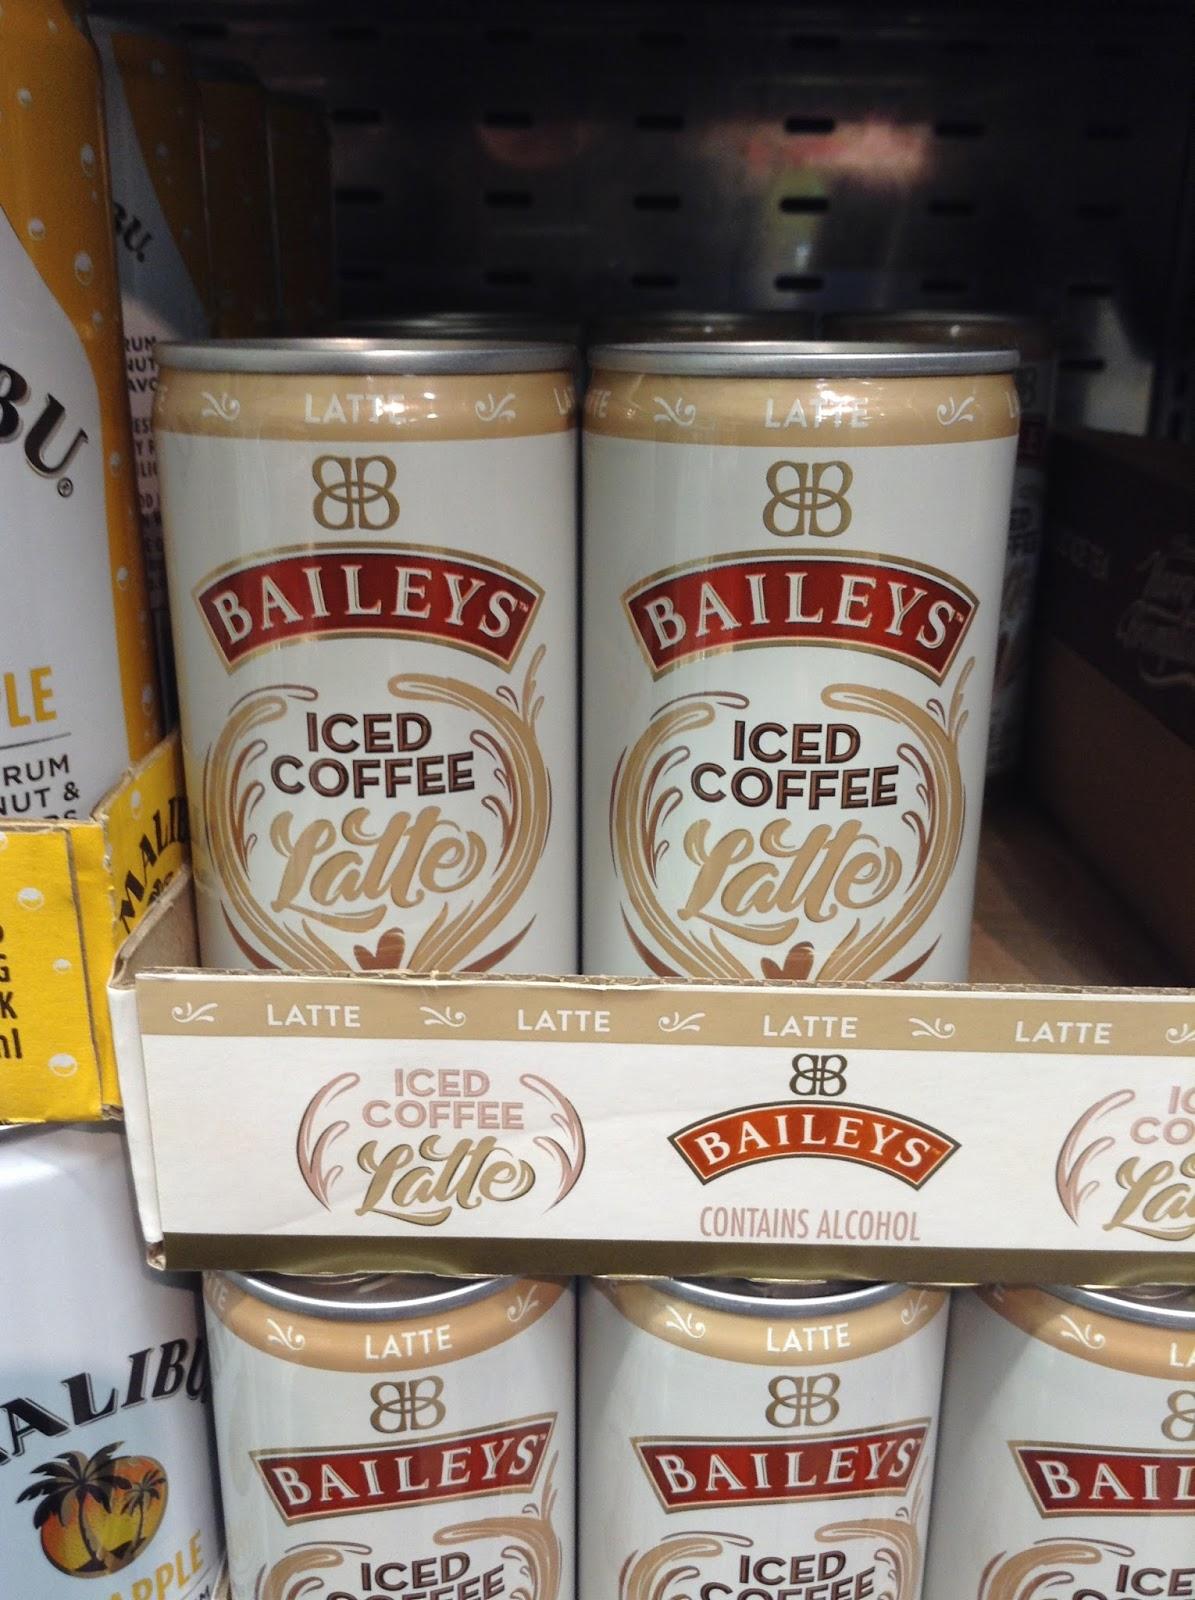 Asda Baileys Iced Coffee